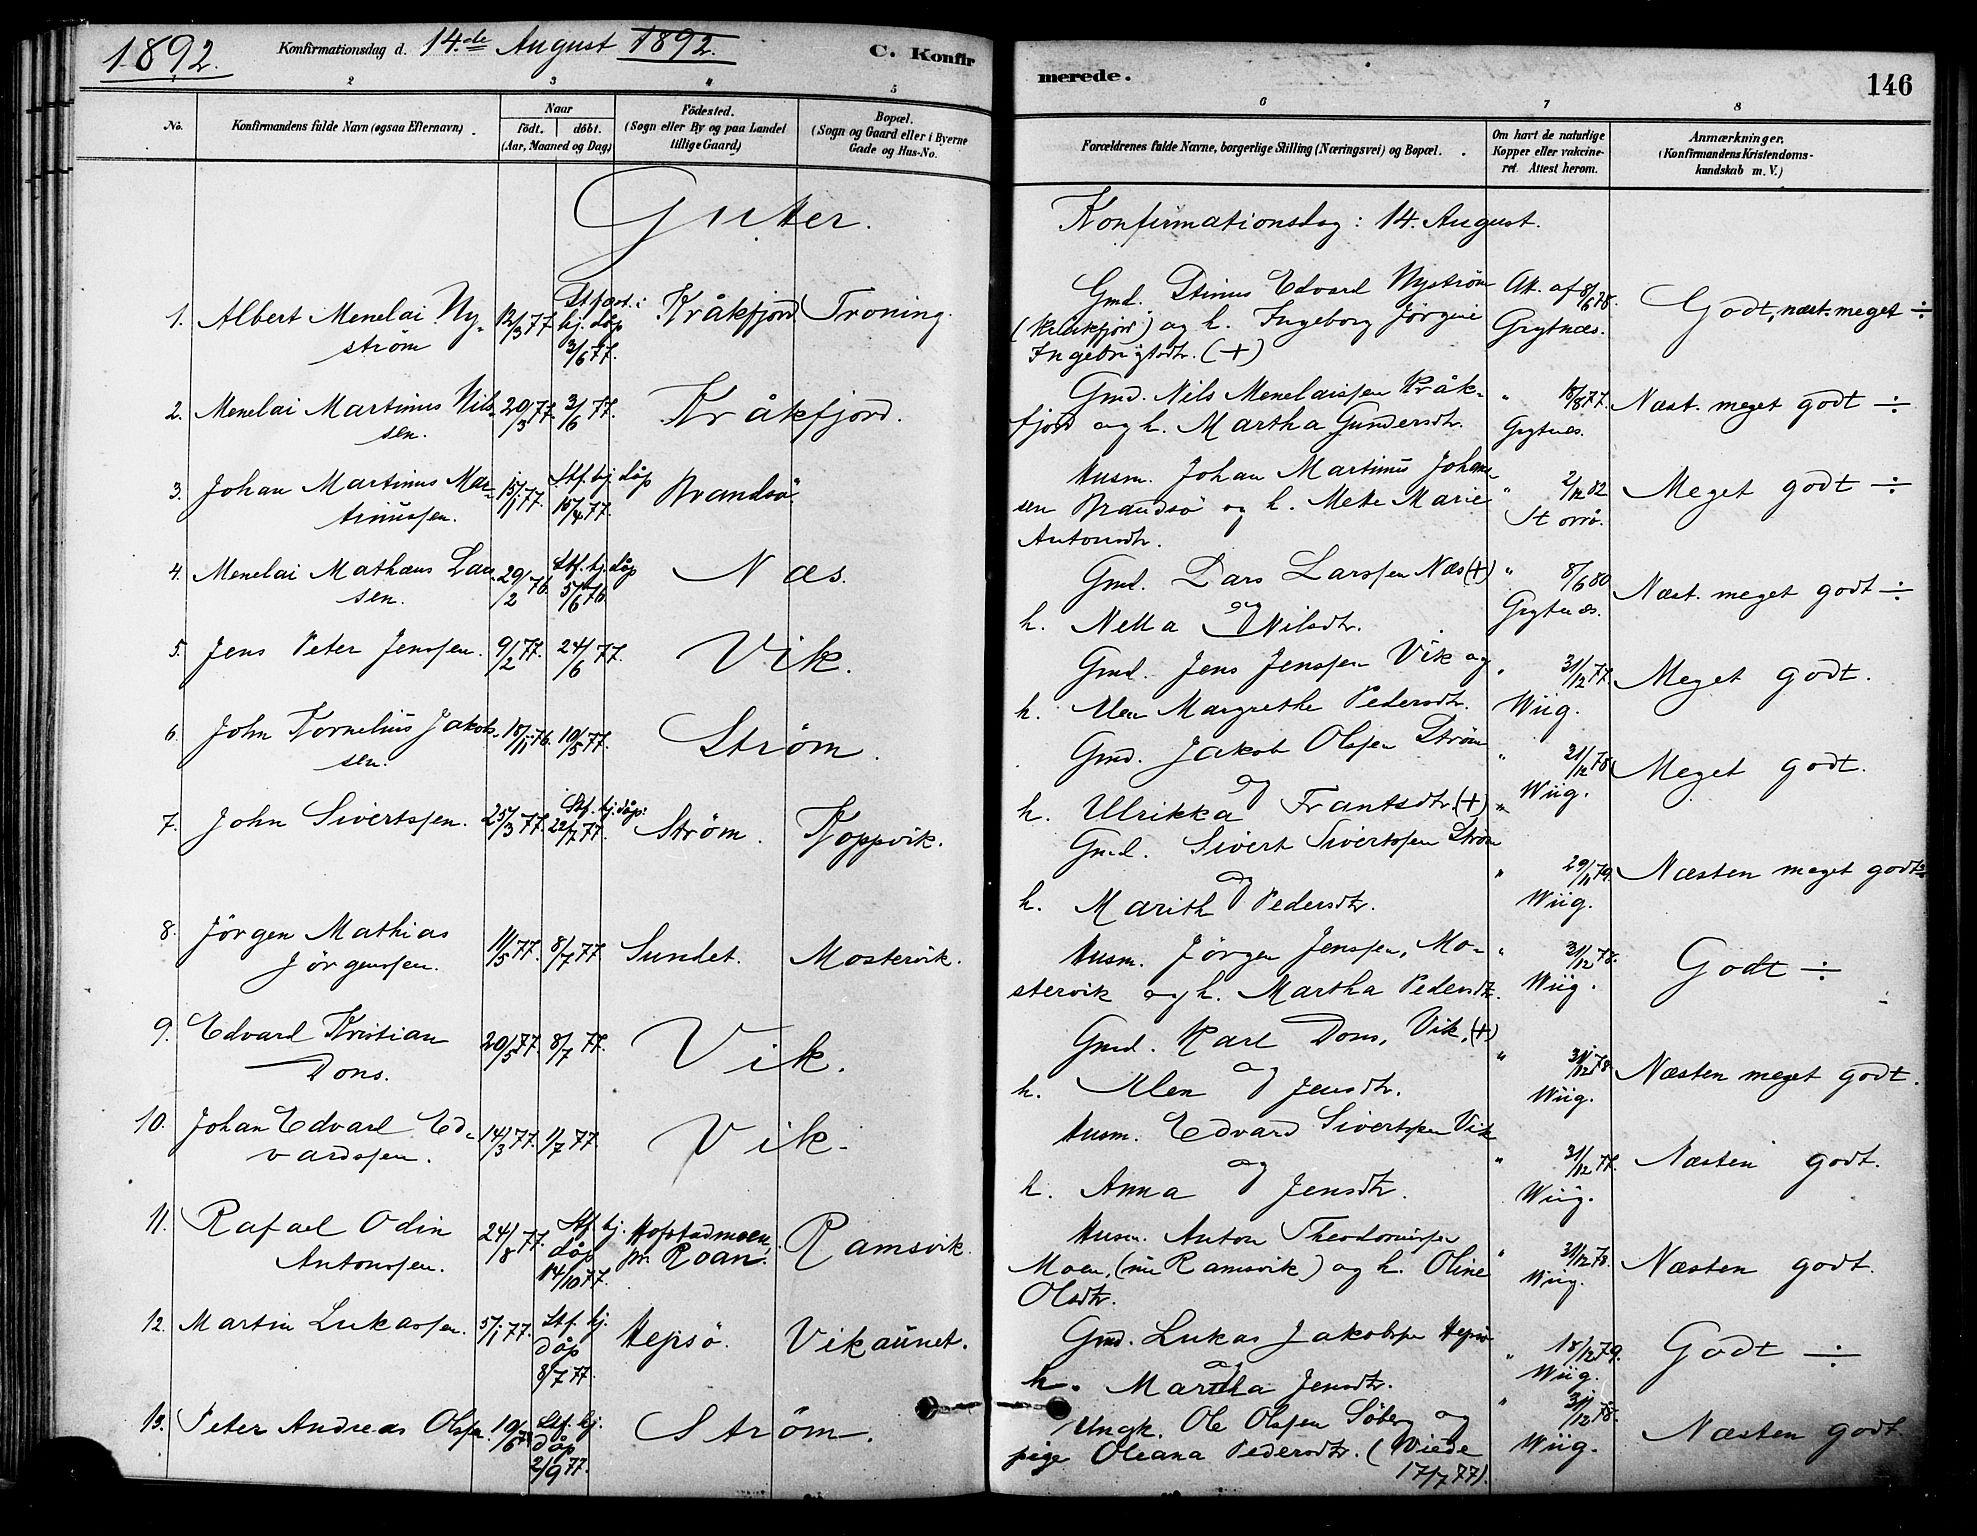 SAT, Ministerialprotokoller, klokkerbøker og fødselsregistre - Sør-Trøndelag, 657/L0707: Ministerialbok nr. 657A08, 1879-1893, s. 146